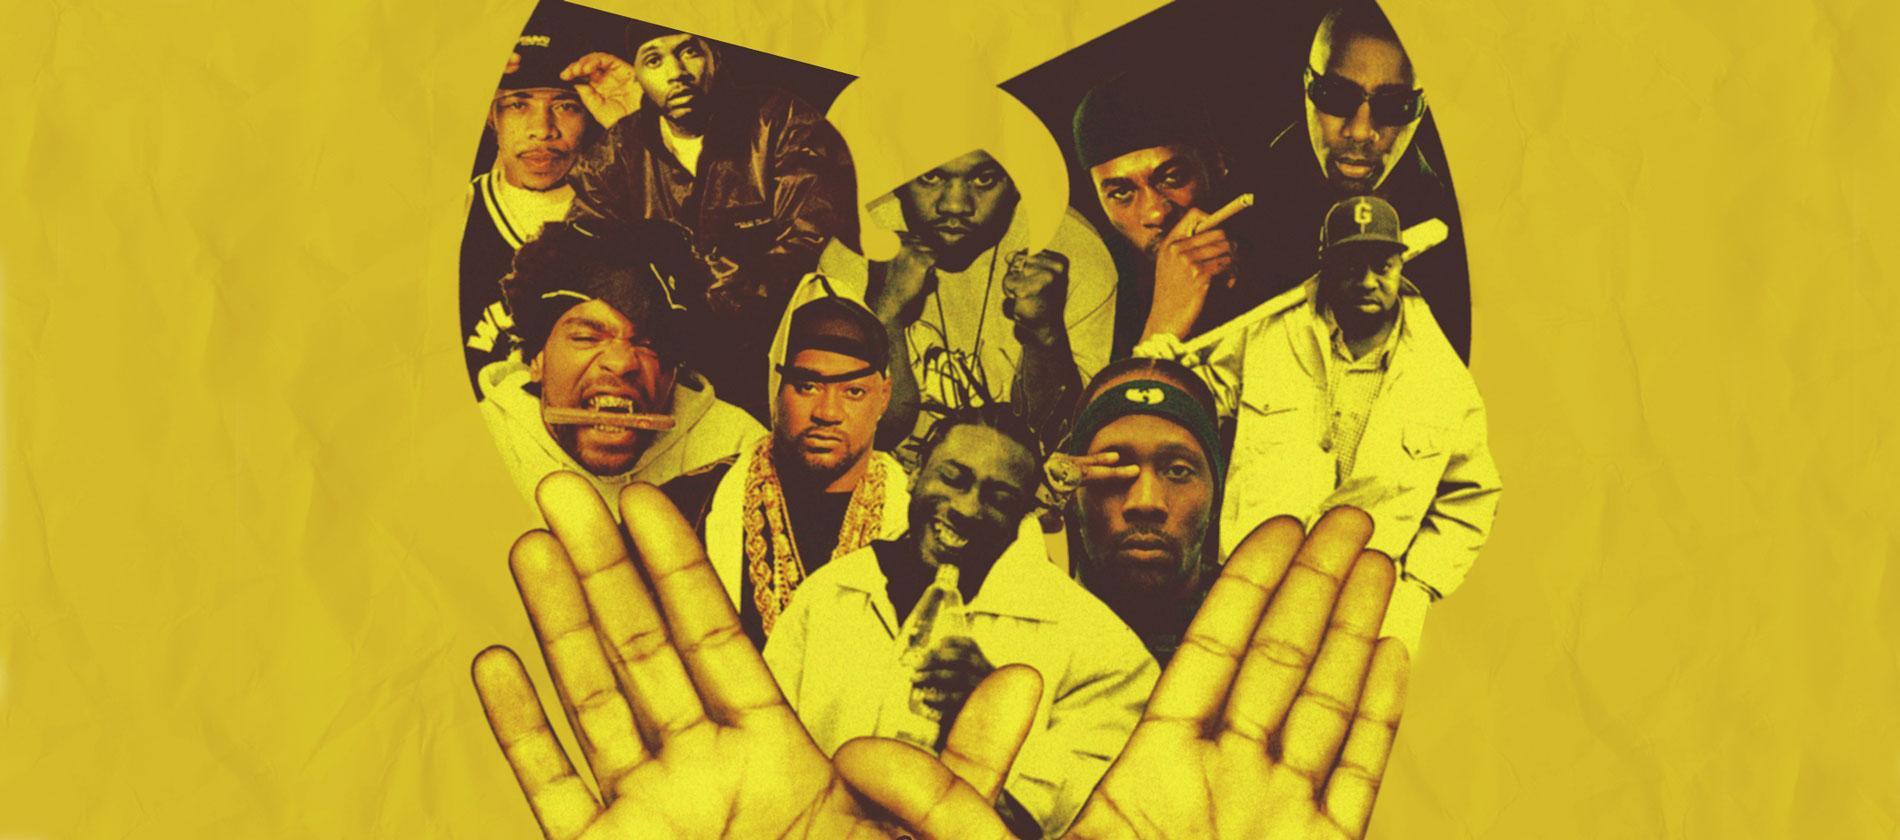 Les sept albums de la singulière épopée du Wu-Tang